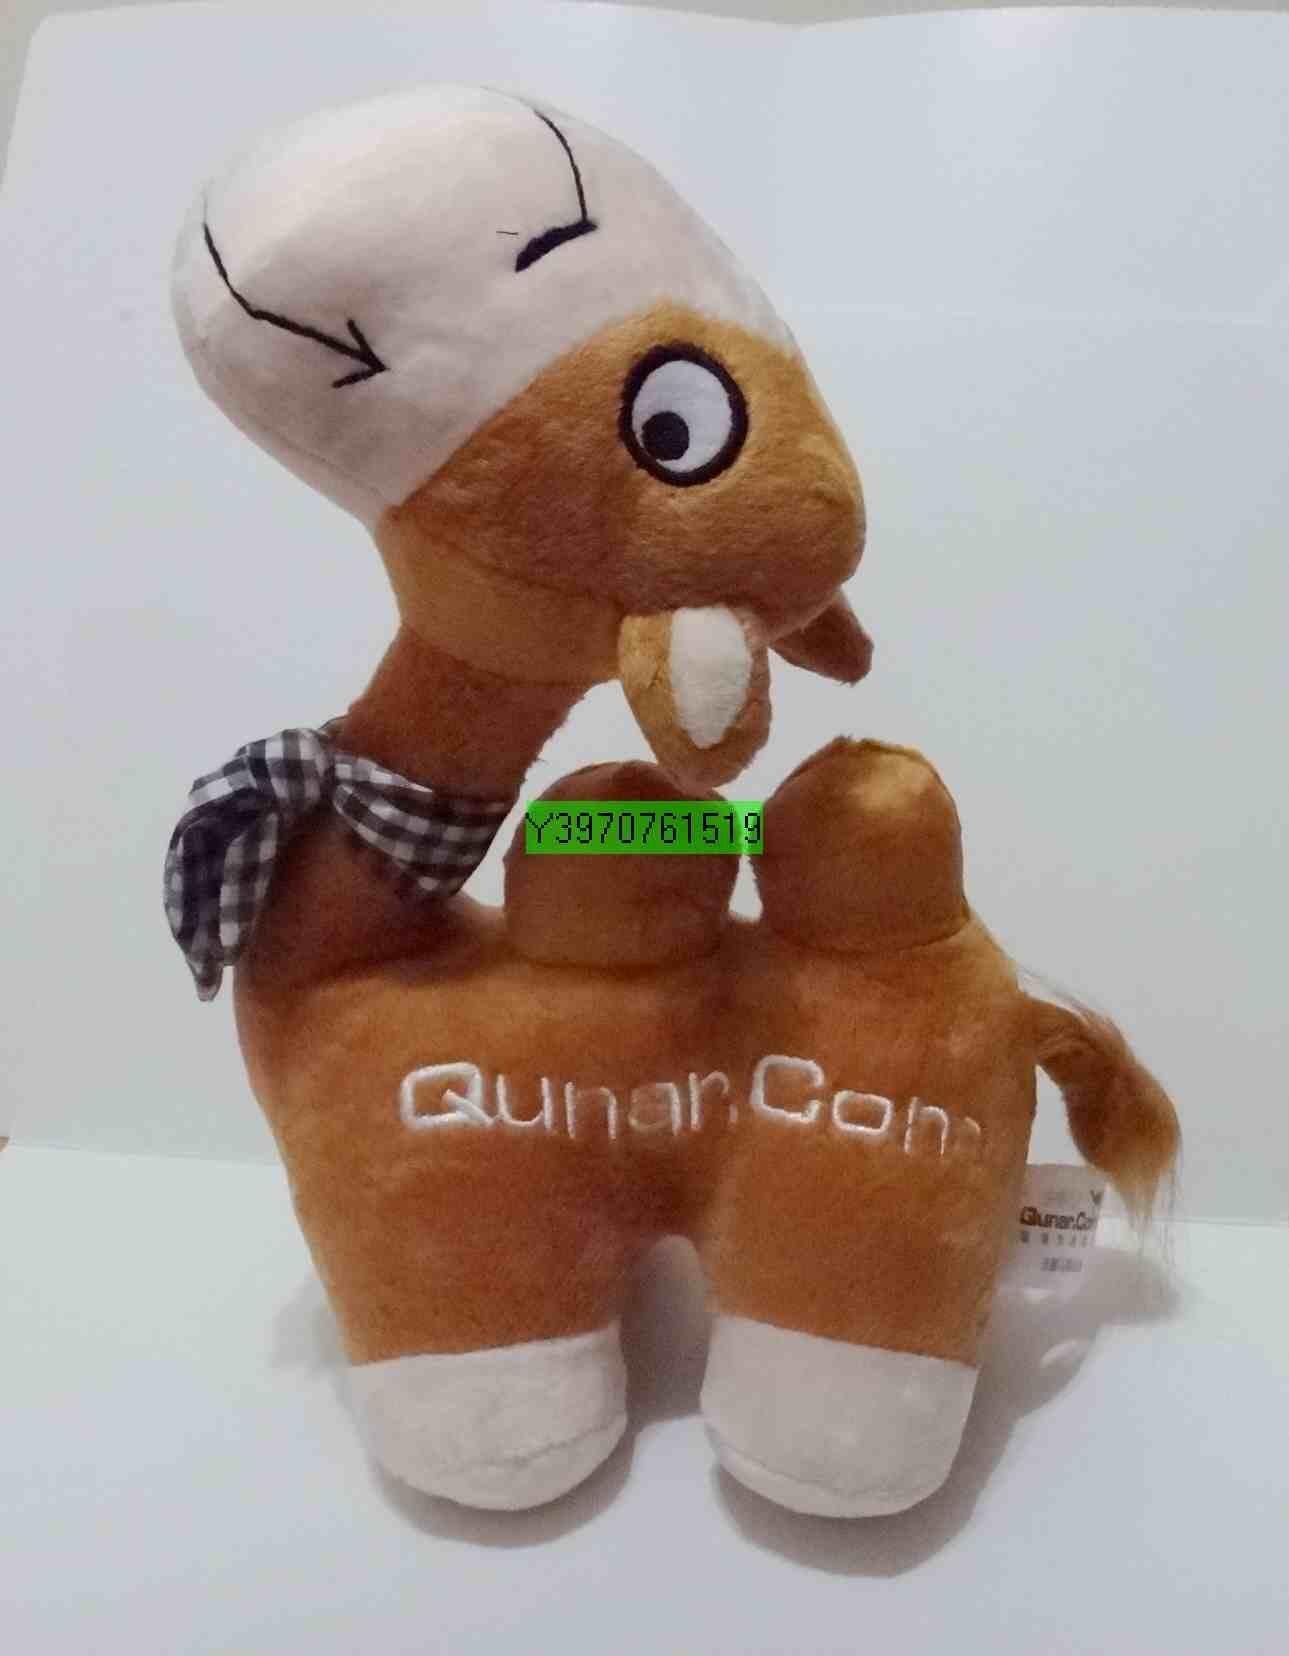 去哪儿(Qunar.com)駱駝公仔